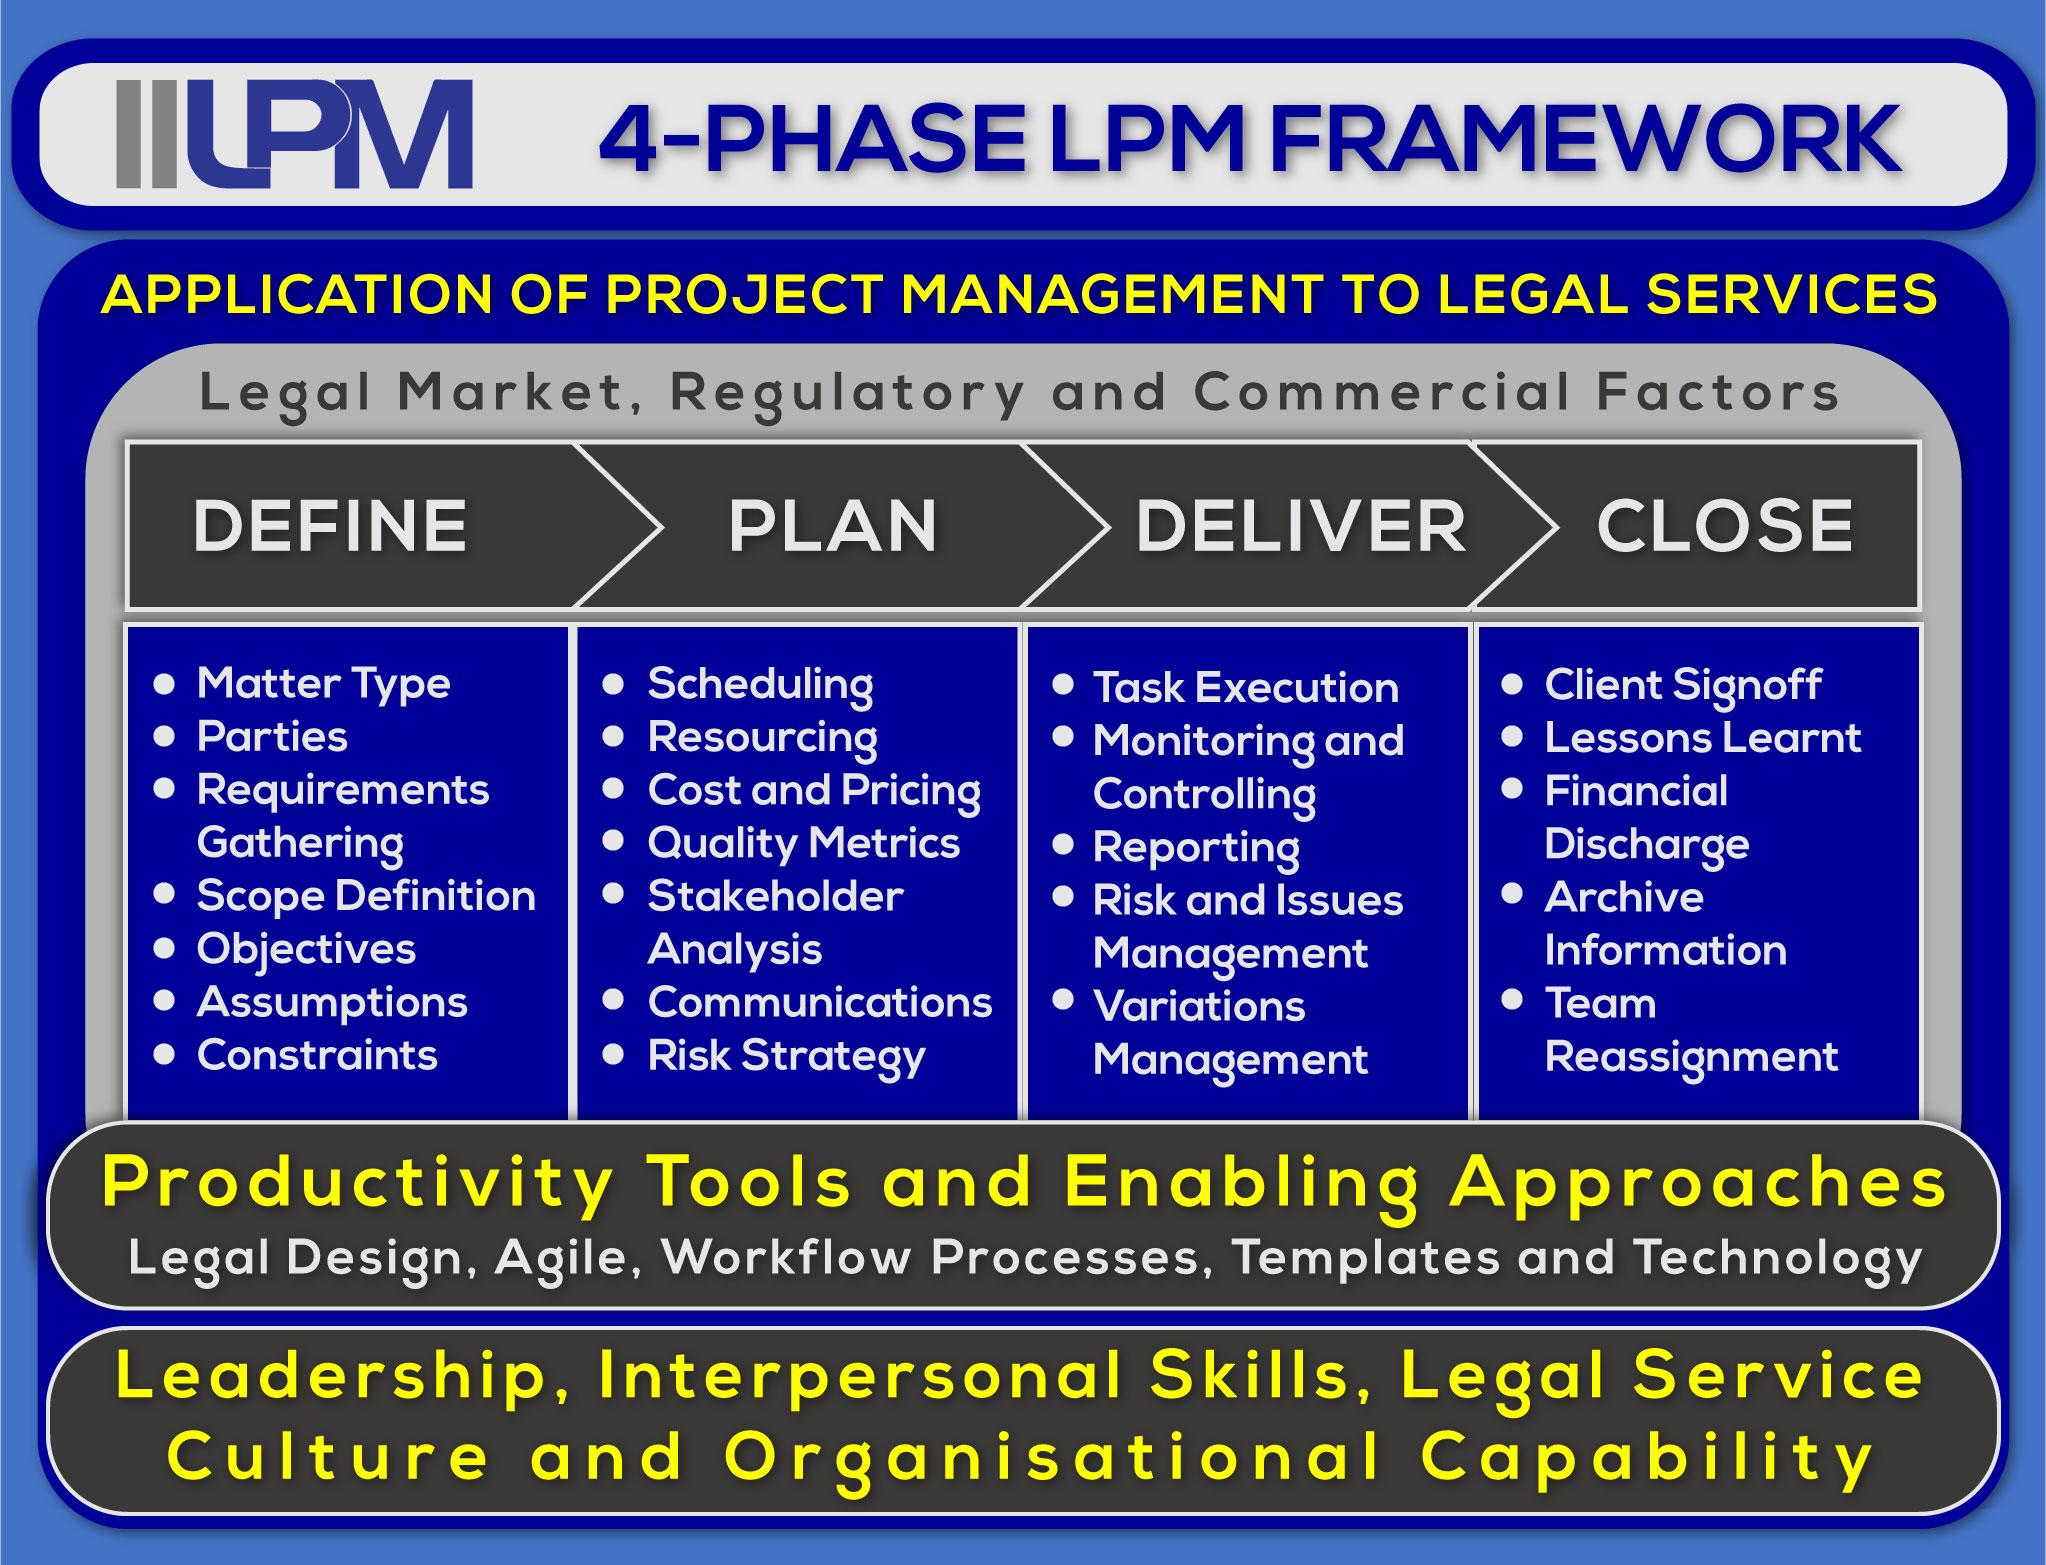 IILPM-4-Phase-Framework